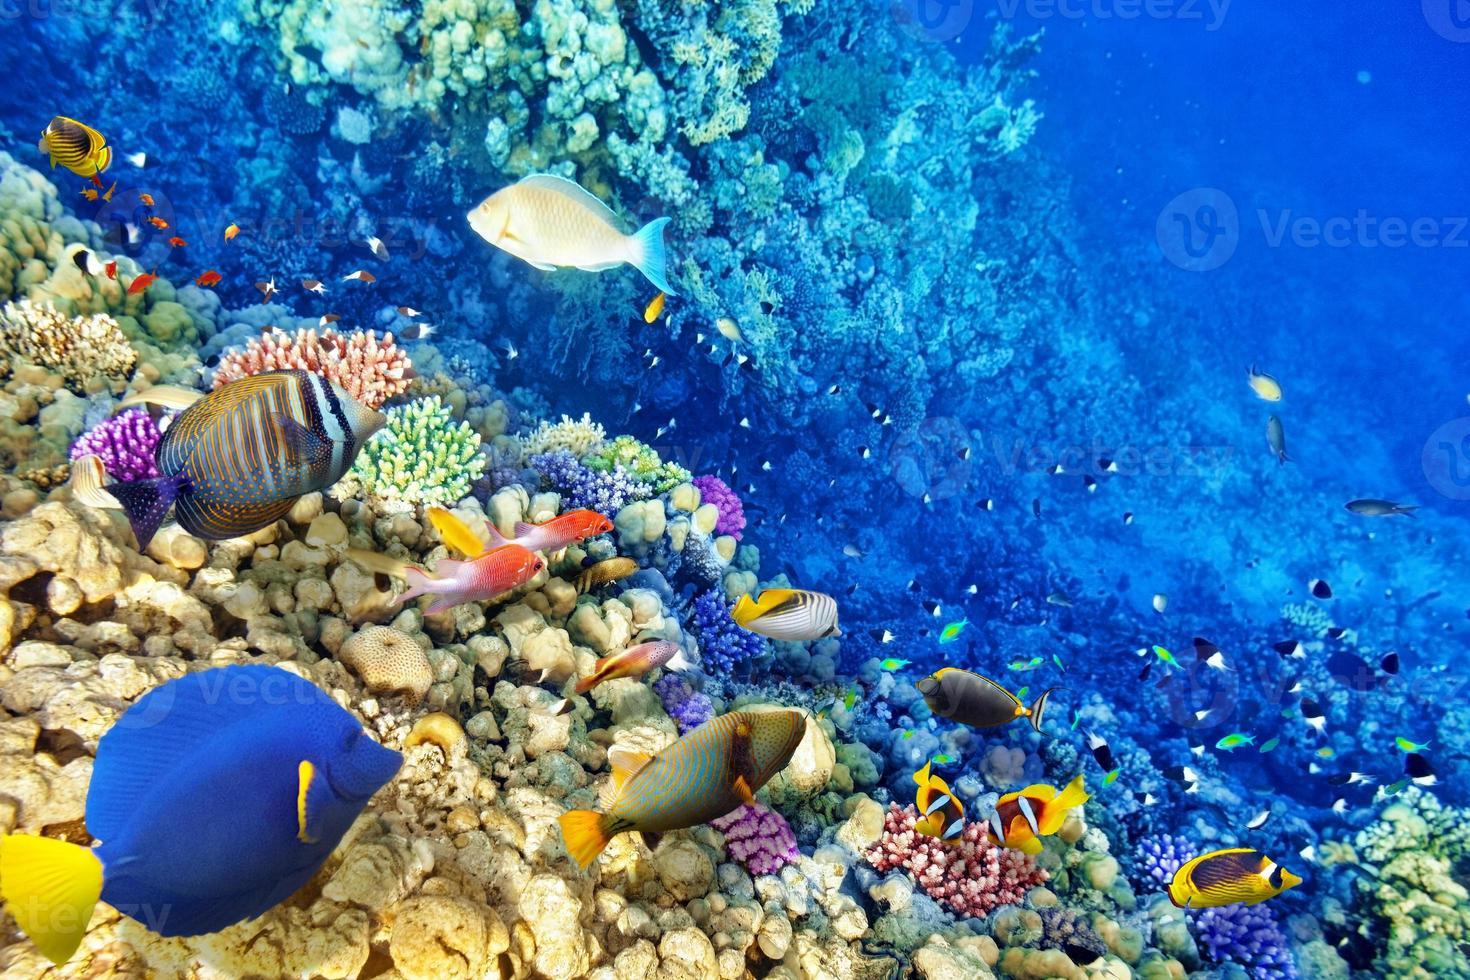 onderwaterwereld met koralen en tropische vissen. foto